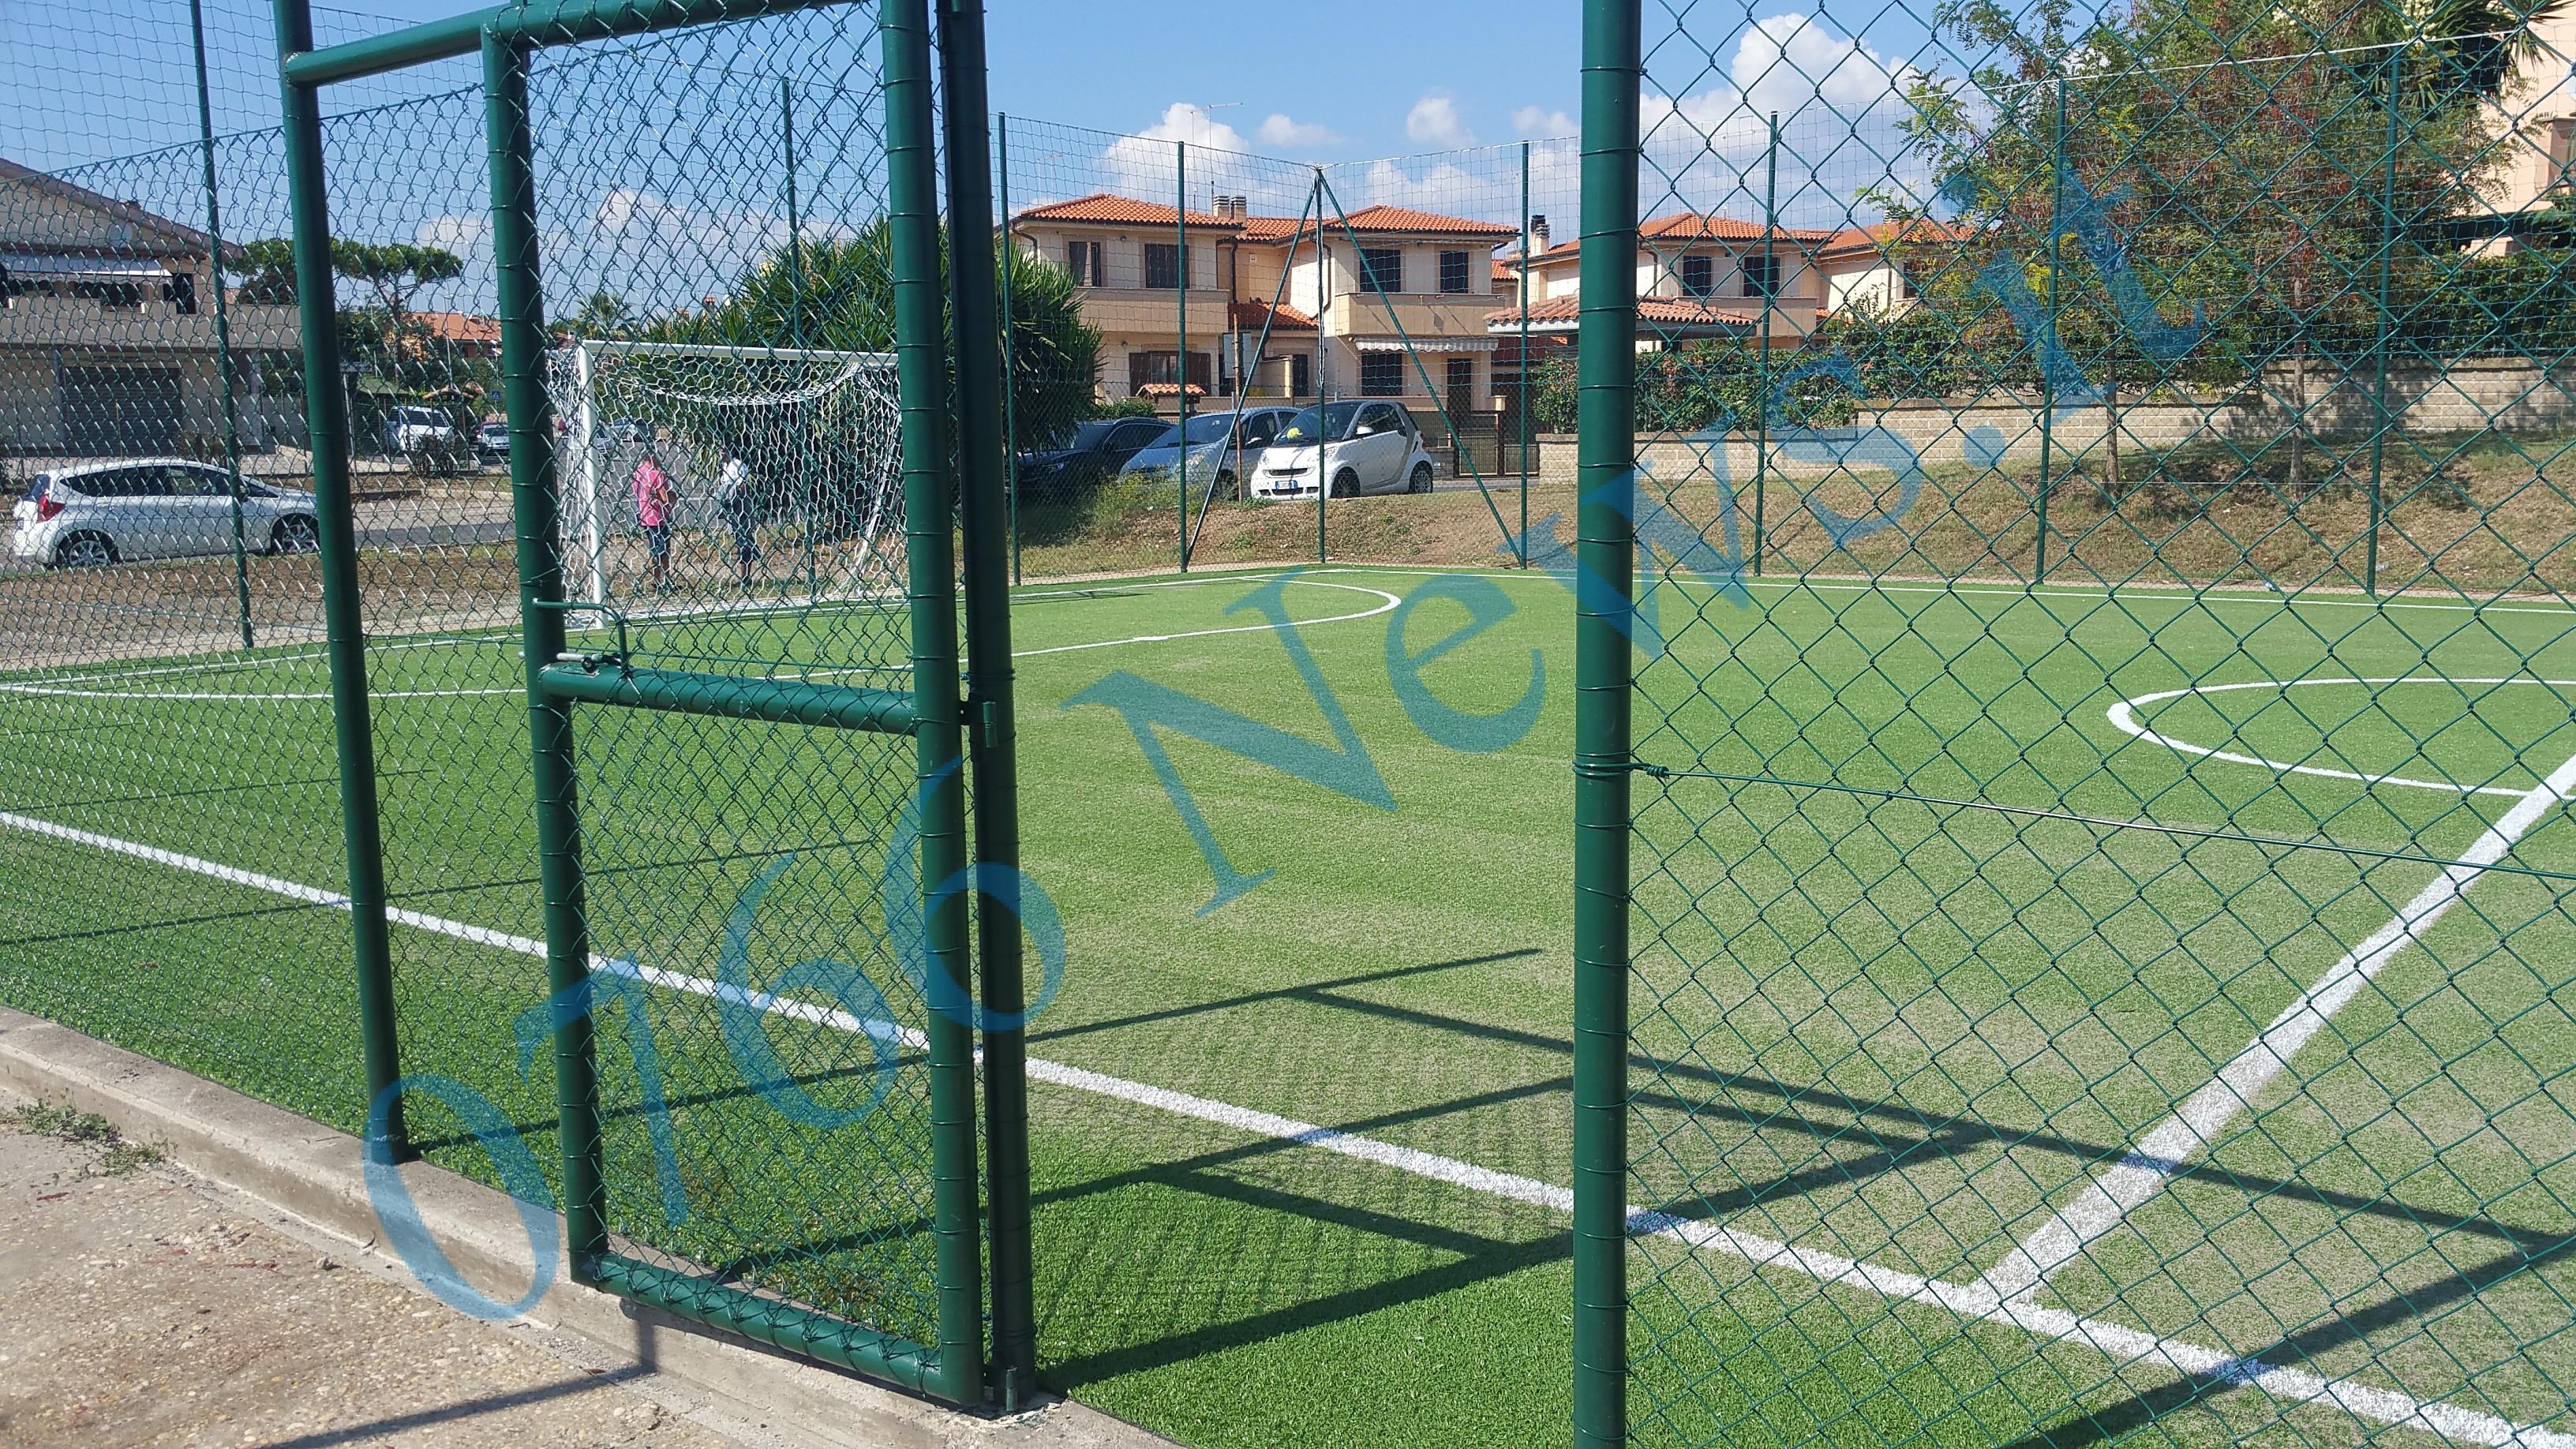 parco paolo borsellino- campo sportivo